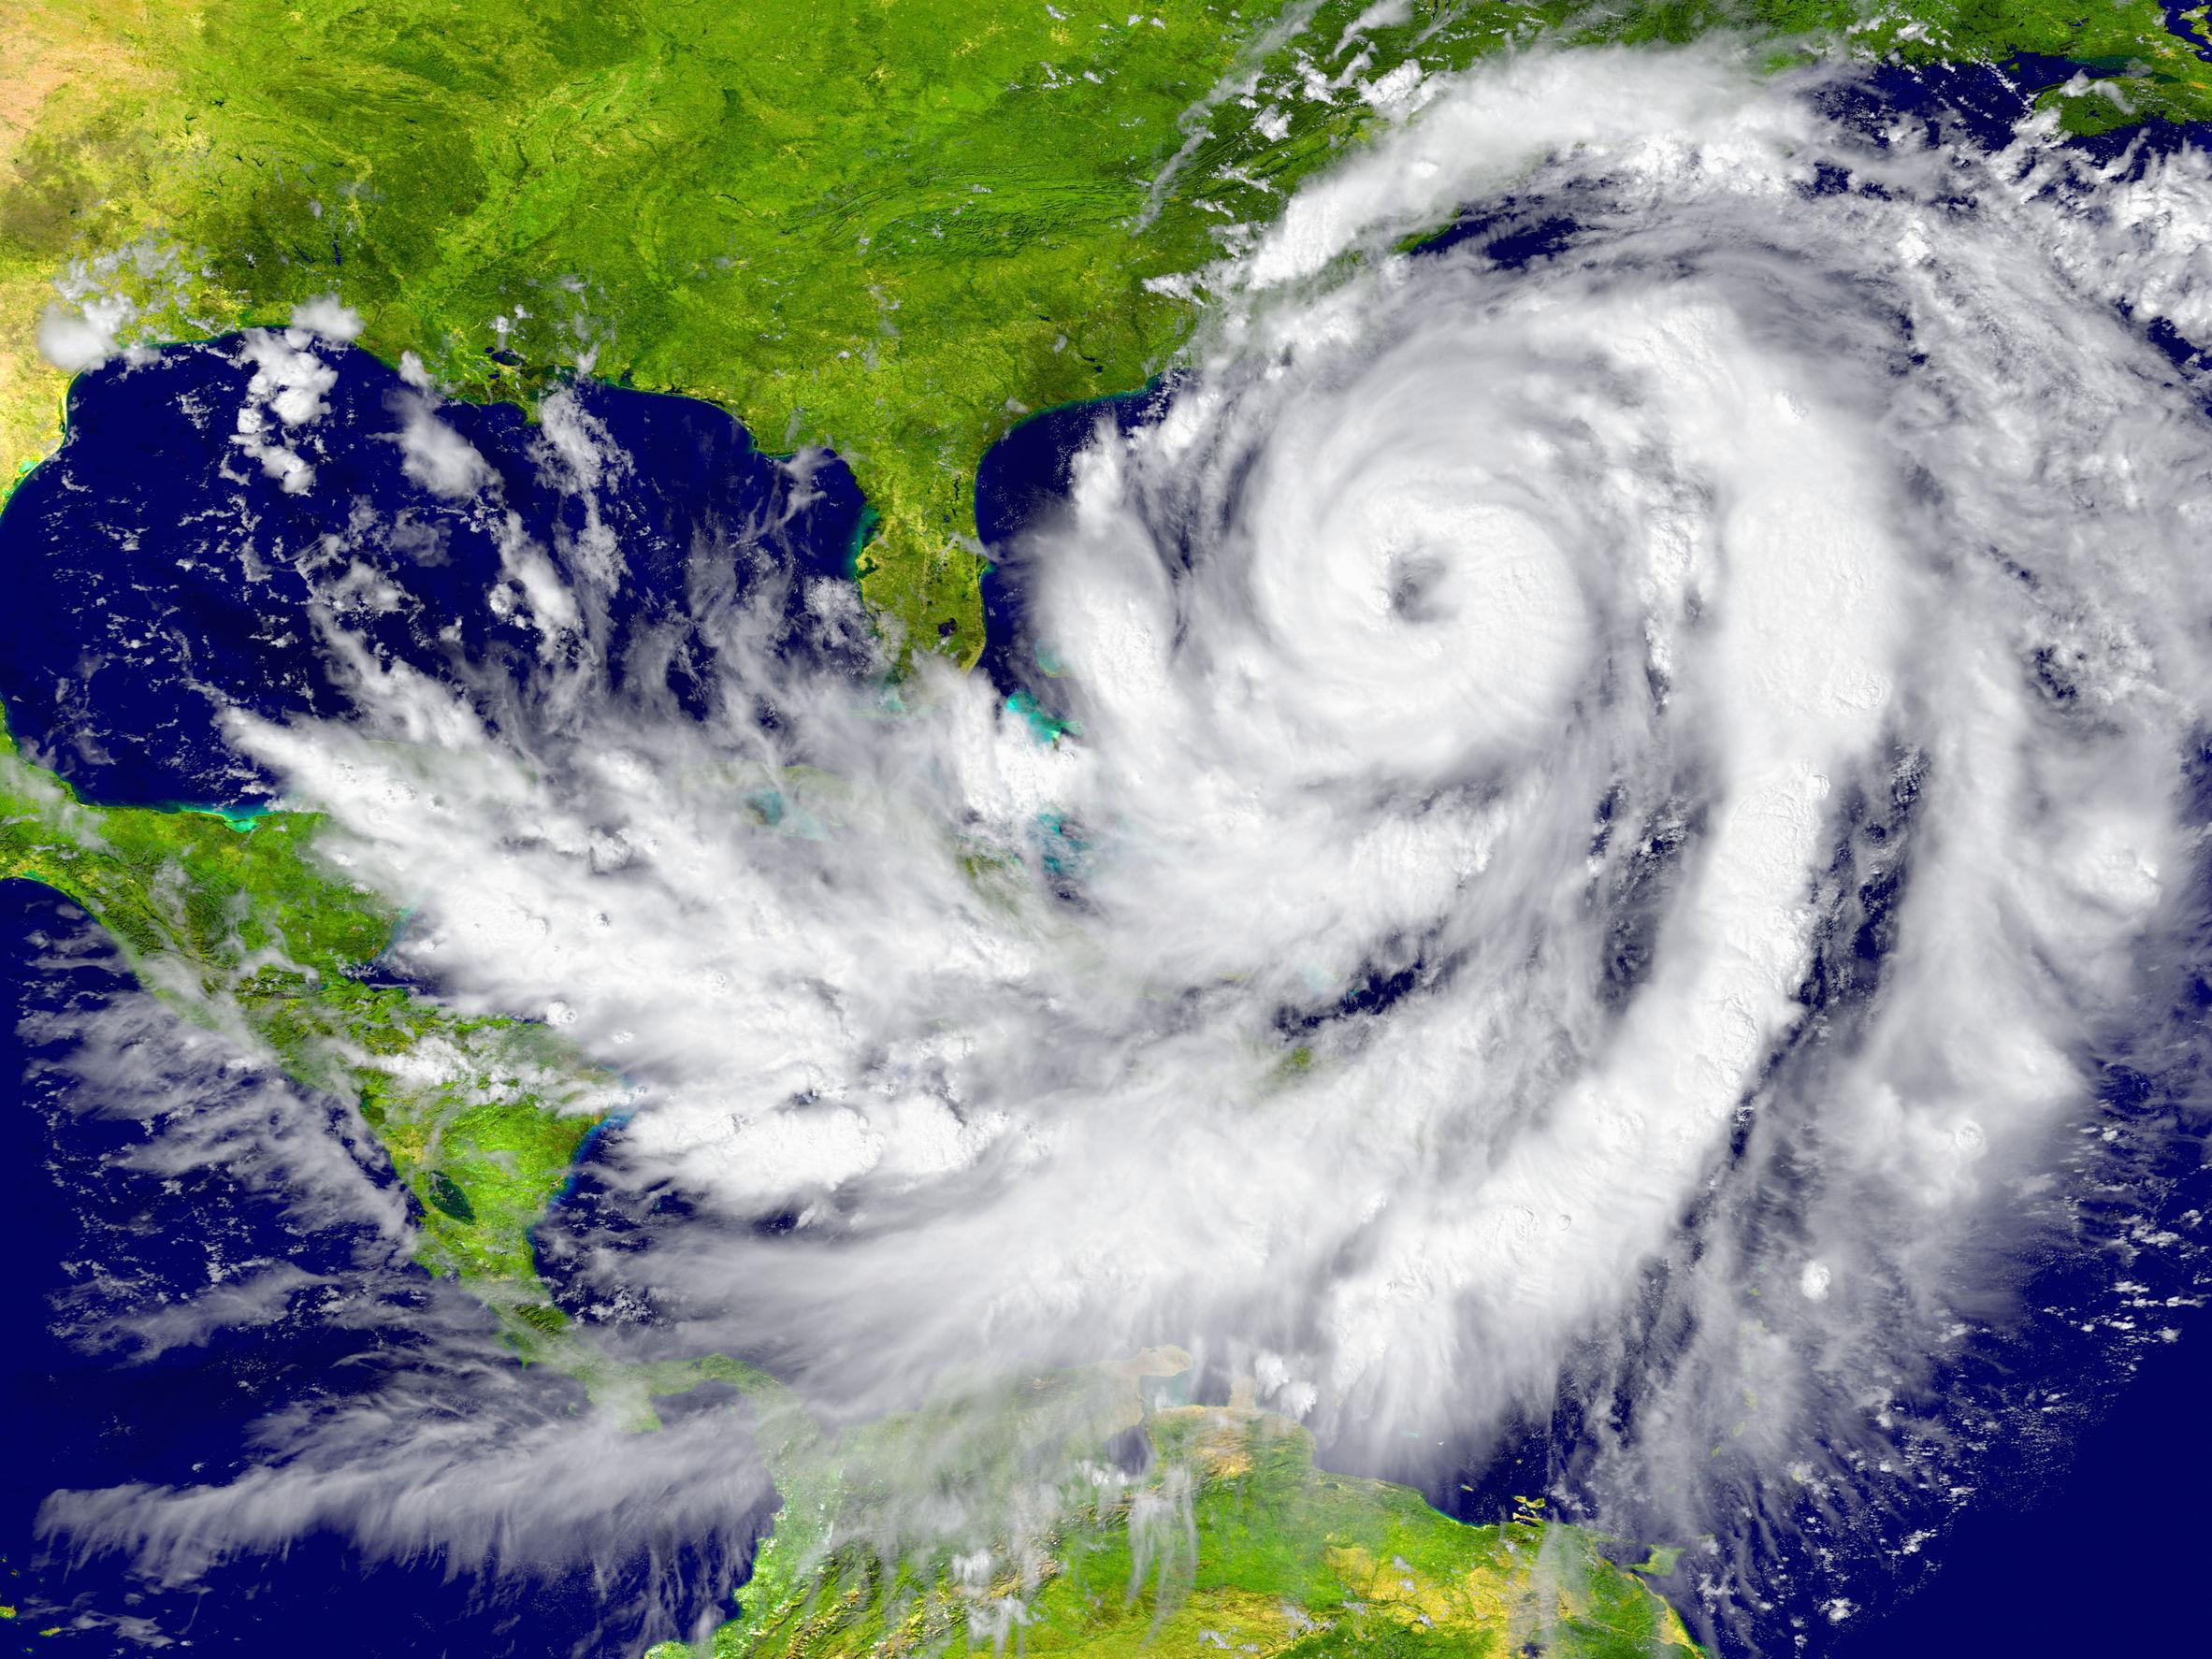 MAE avertizează cei 35.000 de români din Florida, asupra impactului uraganului Irma. Numerele de telefon puse la dispoziţie / Estimări: În zona Miami, nivelul apei va creşte cu 2-3 m şi va inunda o bună parte din oraş